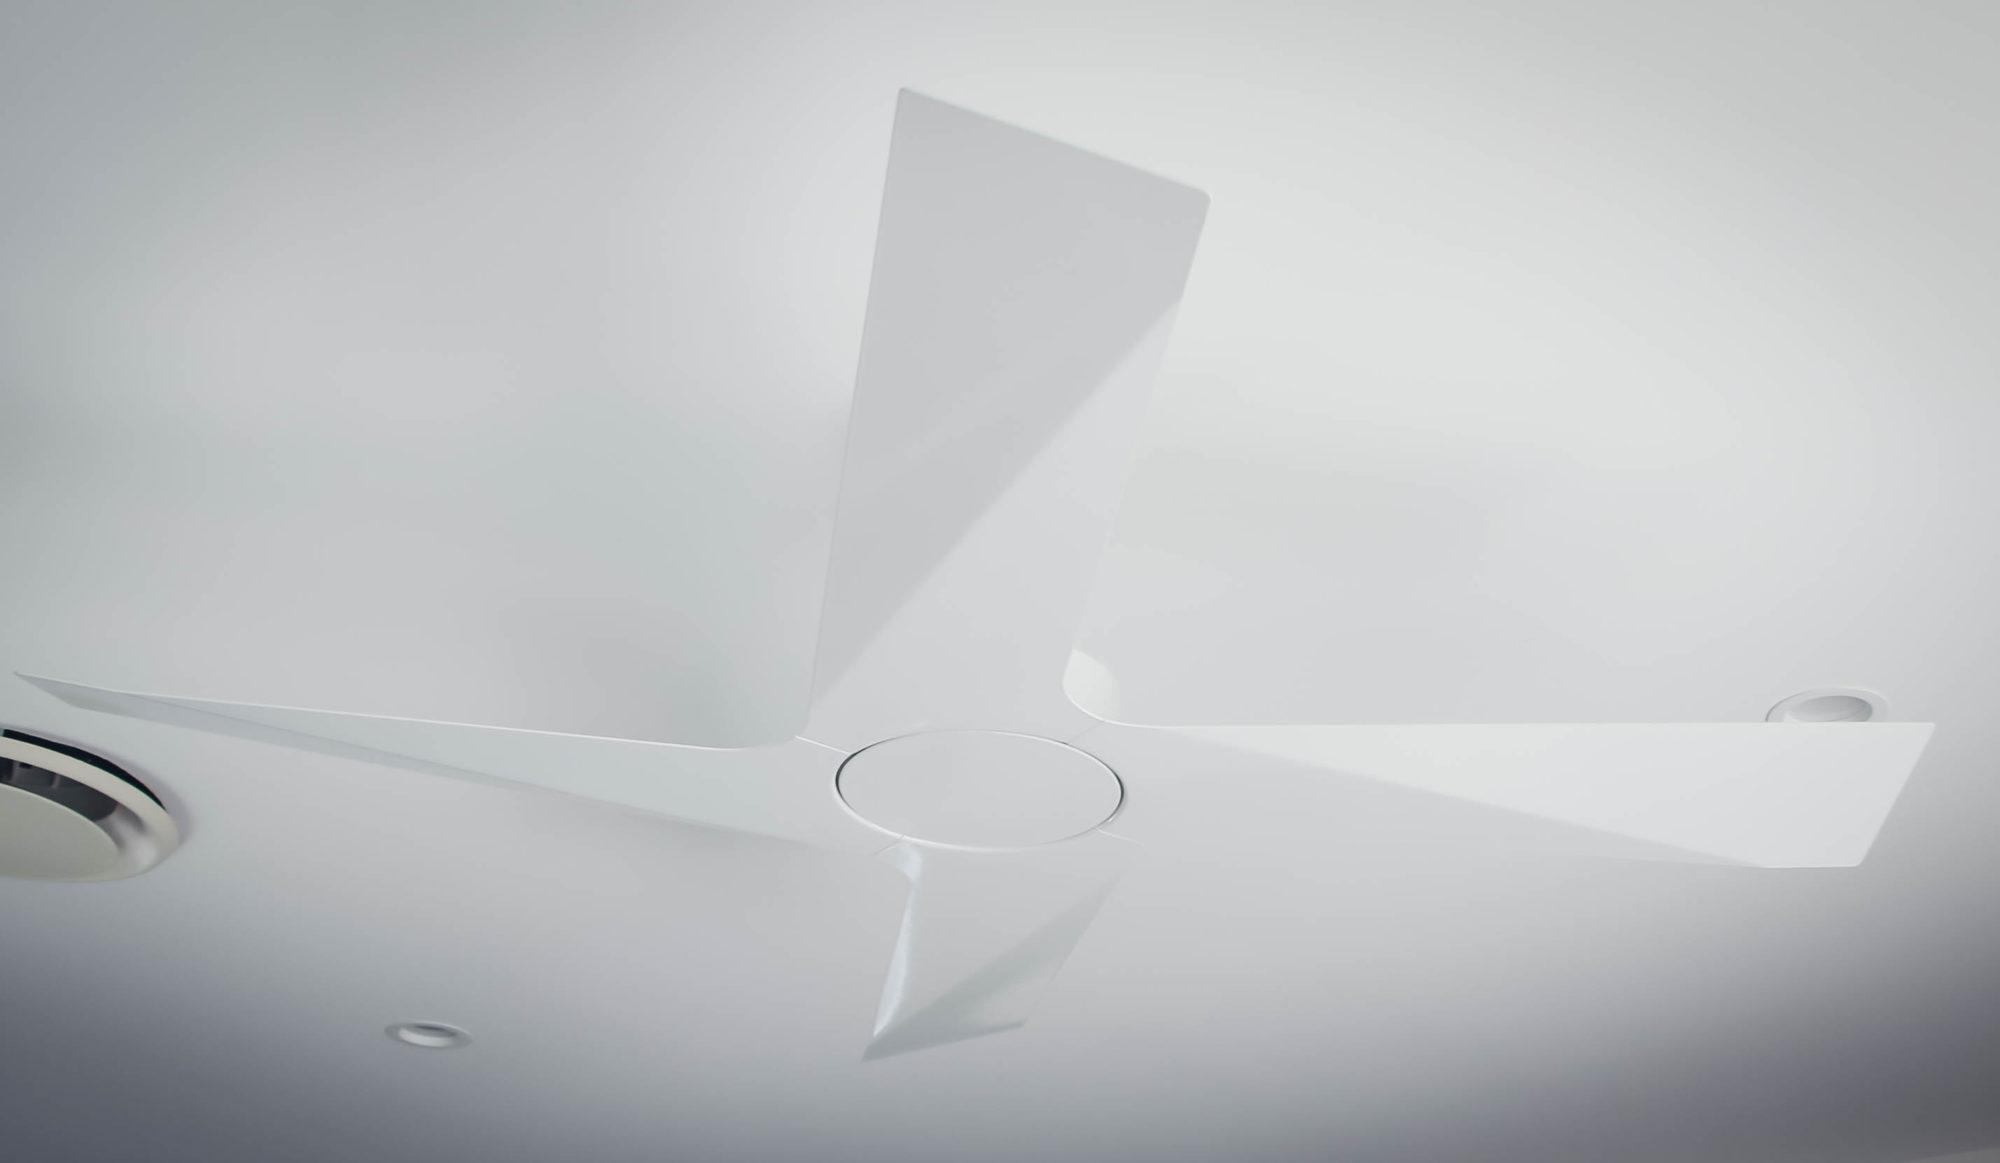 Modn 4 Ceiling Fan 35